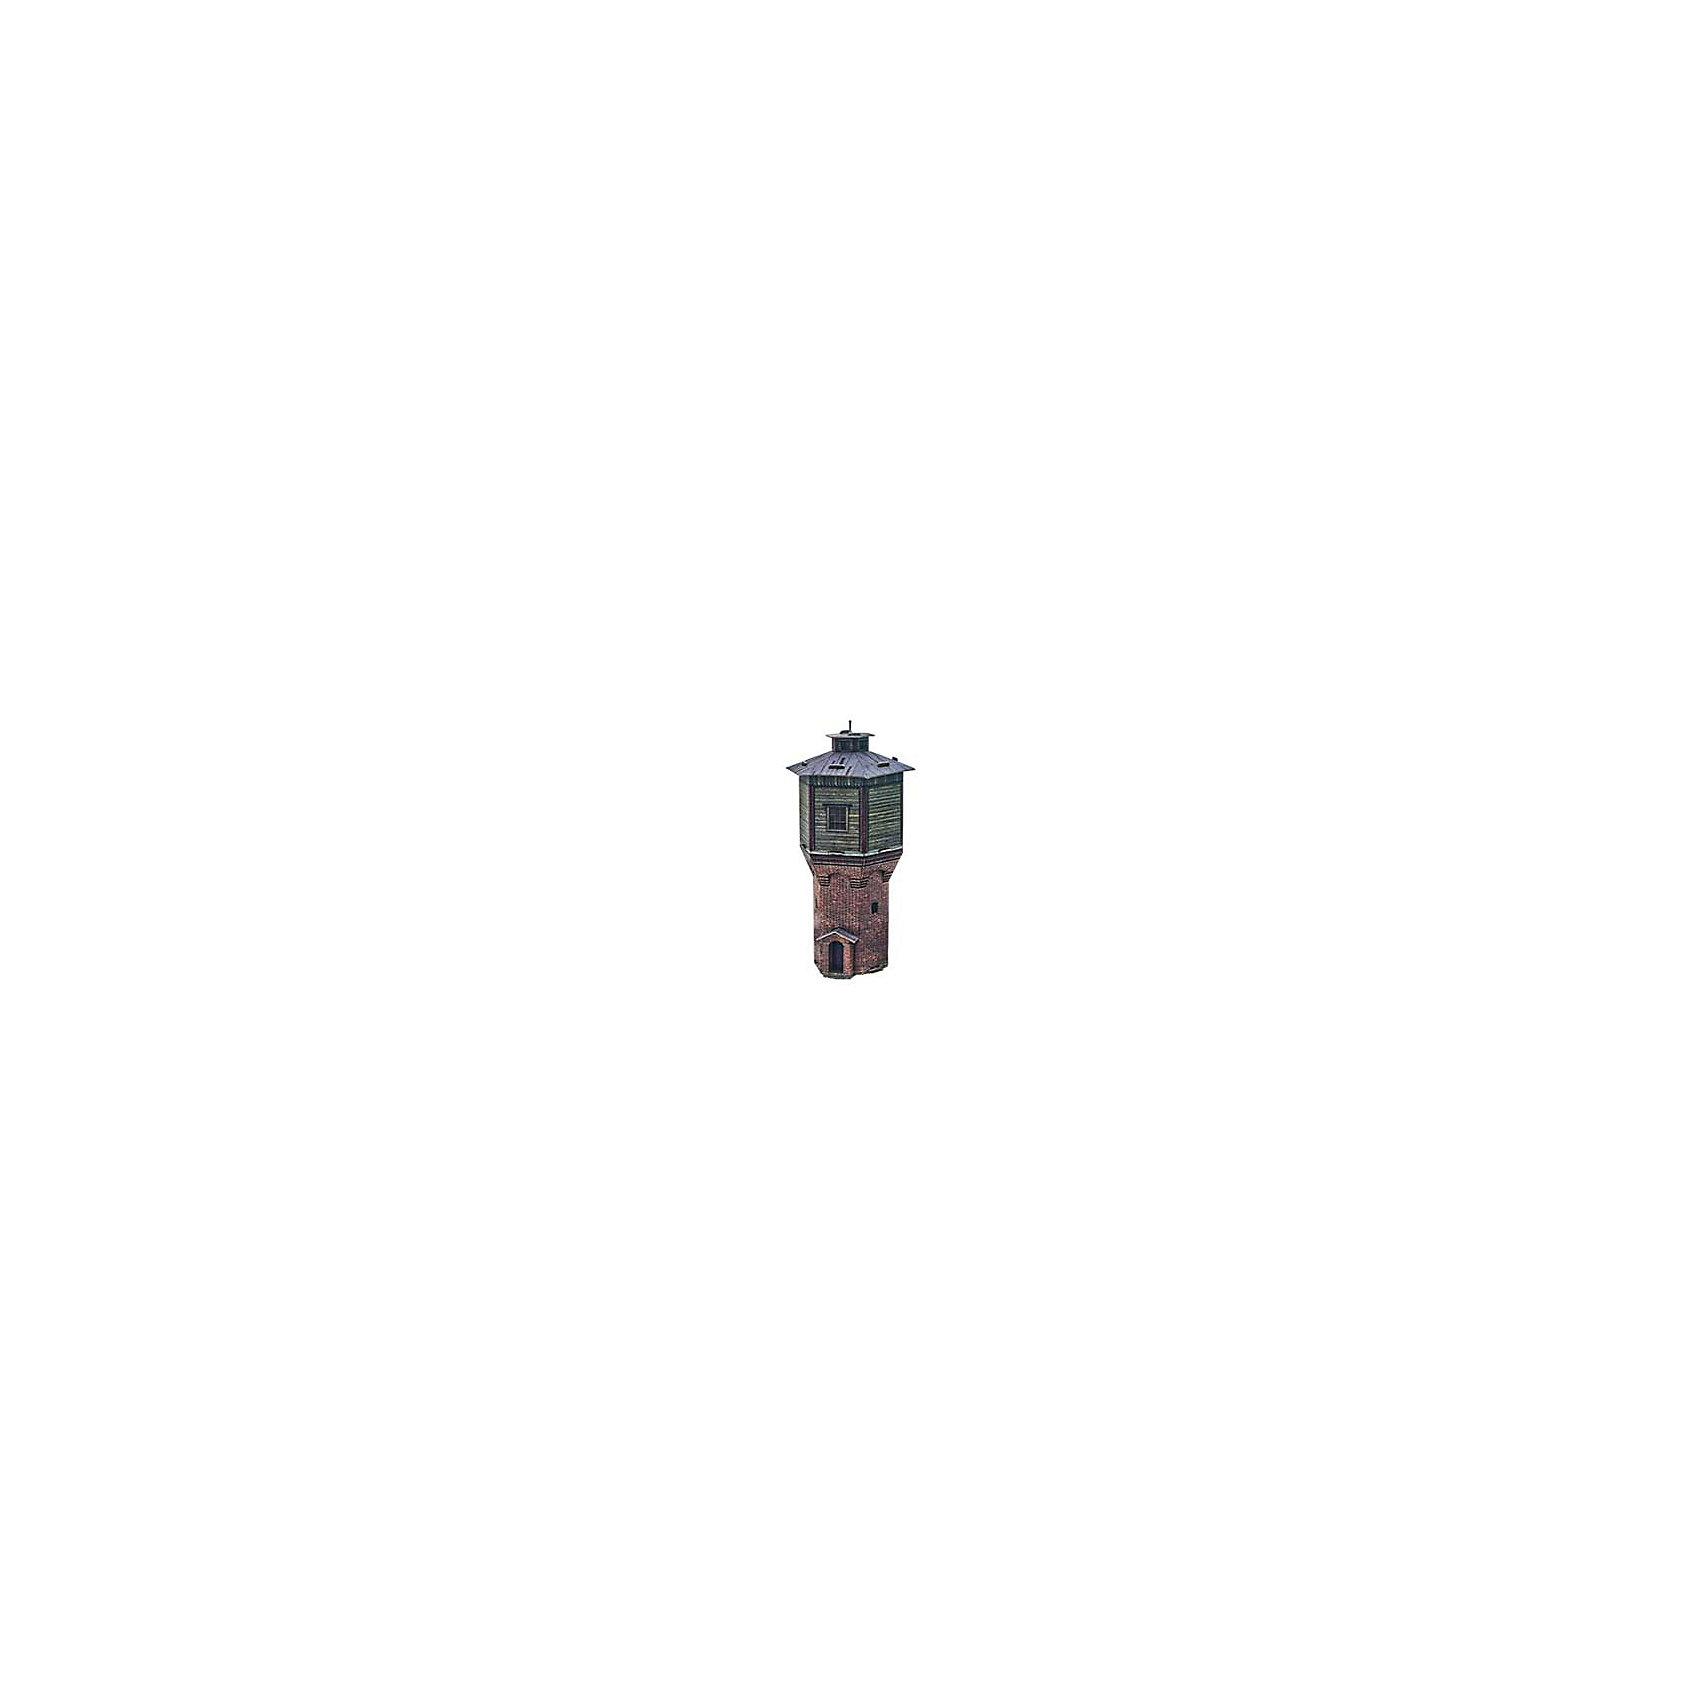 Сборная модель Водонапорная башняБумажные модели<br>Водонапорная башня - cборная модель из картона. Серия: Масштабные модели. Размер упаковки, мм.:  высота 242 ширина 173 глубина 2. Тип упаковки: Картонная коробка. Вес, гр.: 75. Возраст: от 9 лет. Все модели и игрушки, созданные по технологии УМНАЯ БУМАГА собираются без ножниц и клея, что является их неповторимой особенностью.<br>Принцип соединения деталей запатентован. Соединения деталей продуманы и просчитаны с такой точностью, что при правильной сборке с моделью можно играть, как с обычной игрушкой.<br><br>Ширина мм: 173<br>Глубина мм: 2<br>Высота мм: 242<br>Вес г: 75<br>Возраст от месяцев: 108<br>Возраст до месяцев: 2147483647<br>Пол: Унисекс<br>Возраст: Детский<br>SKU: 4807406